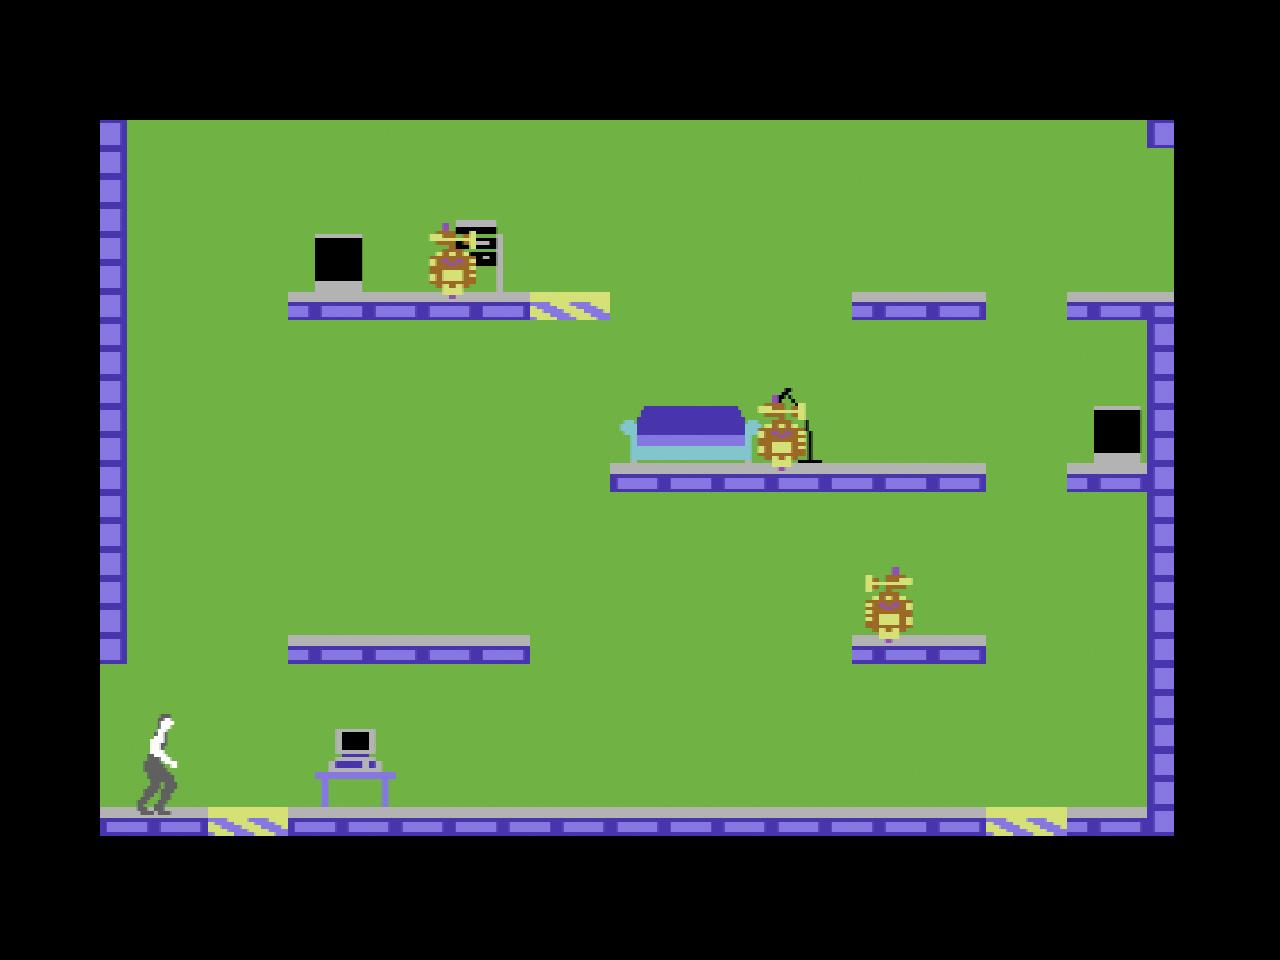 Impossible Mission von Epyx bot knackige Rätsel, flüssige Animationen und sogar Sprachausgabe (Screenshot: Impossible Mission)